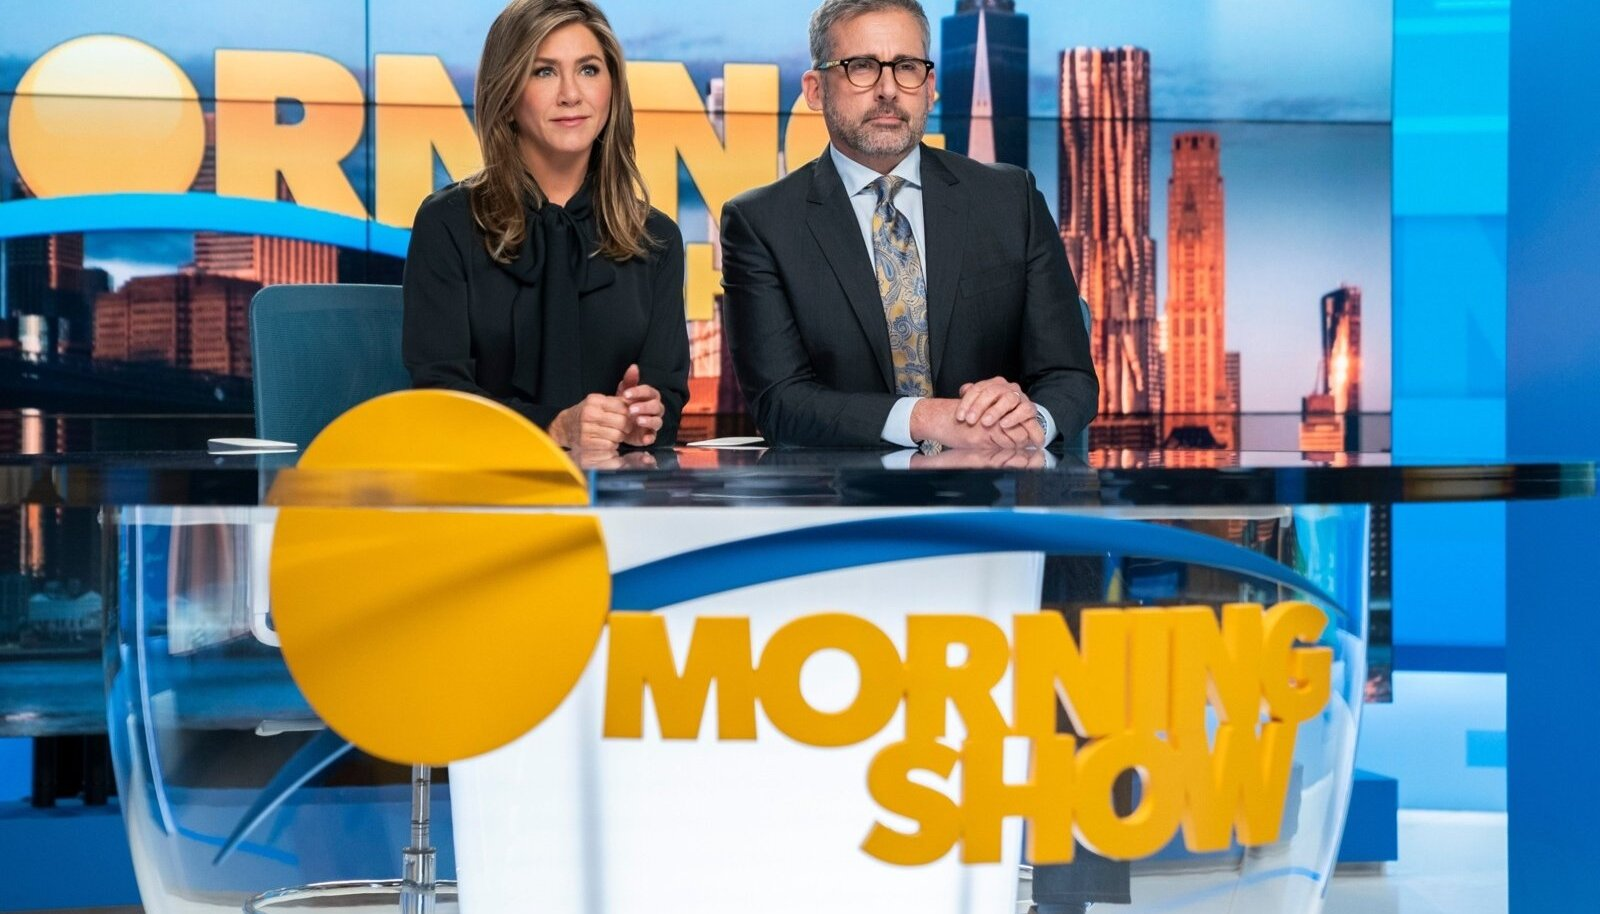 """TERE HOMMIKUST, AMEERIKA!: Telesaatejuhid Alex Levy (Jennifer Aniston) ja Mitch Kessler (Steve Carell) on 15 aastat koos oma kaasmaalasi äratanud, kuni ühel päeval vallanduv seksiskandaal jätab Levy """"The Morning Show'sse"""" üksi."""